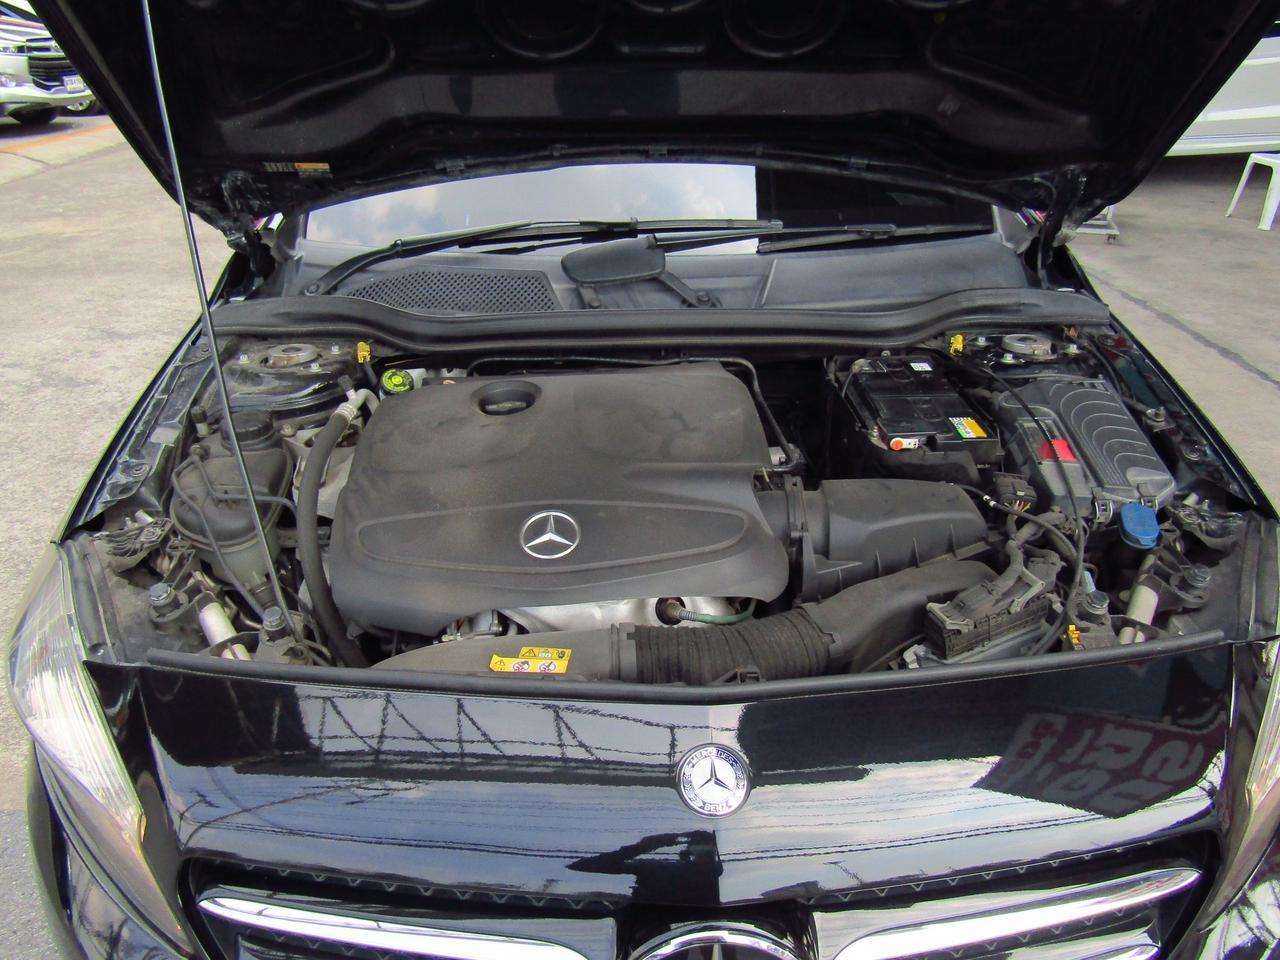 💖 BENZ A-CLASS A 180 รถเบนซ์ รถบ้าน รถมือเดียว รถสวย รถเก่ง รถมือสองสภาพนางฟ้า รถดี สมถนะดีเยี่ยม พร้อมใช้งาน รูปที่ 6